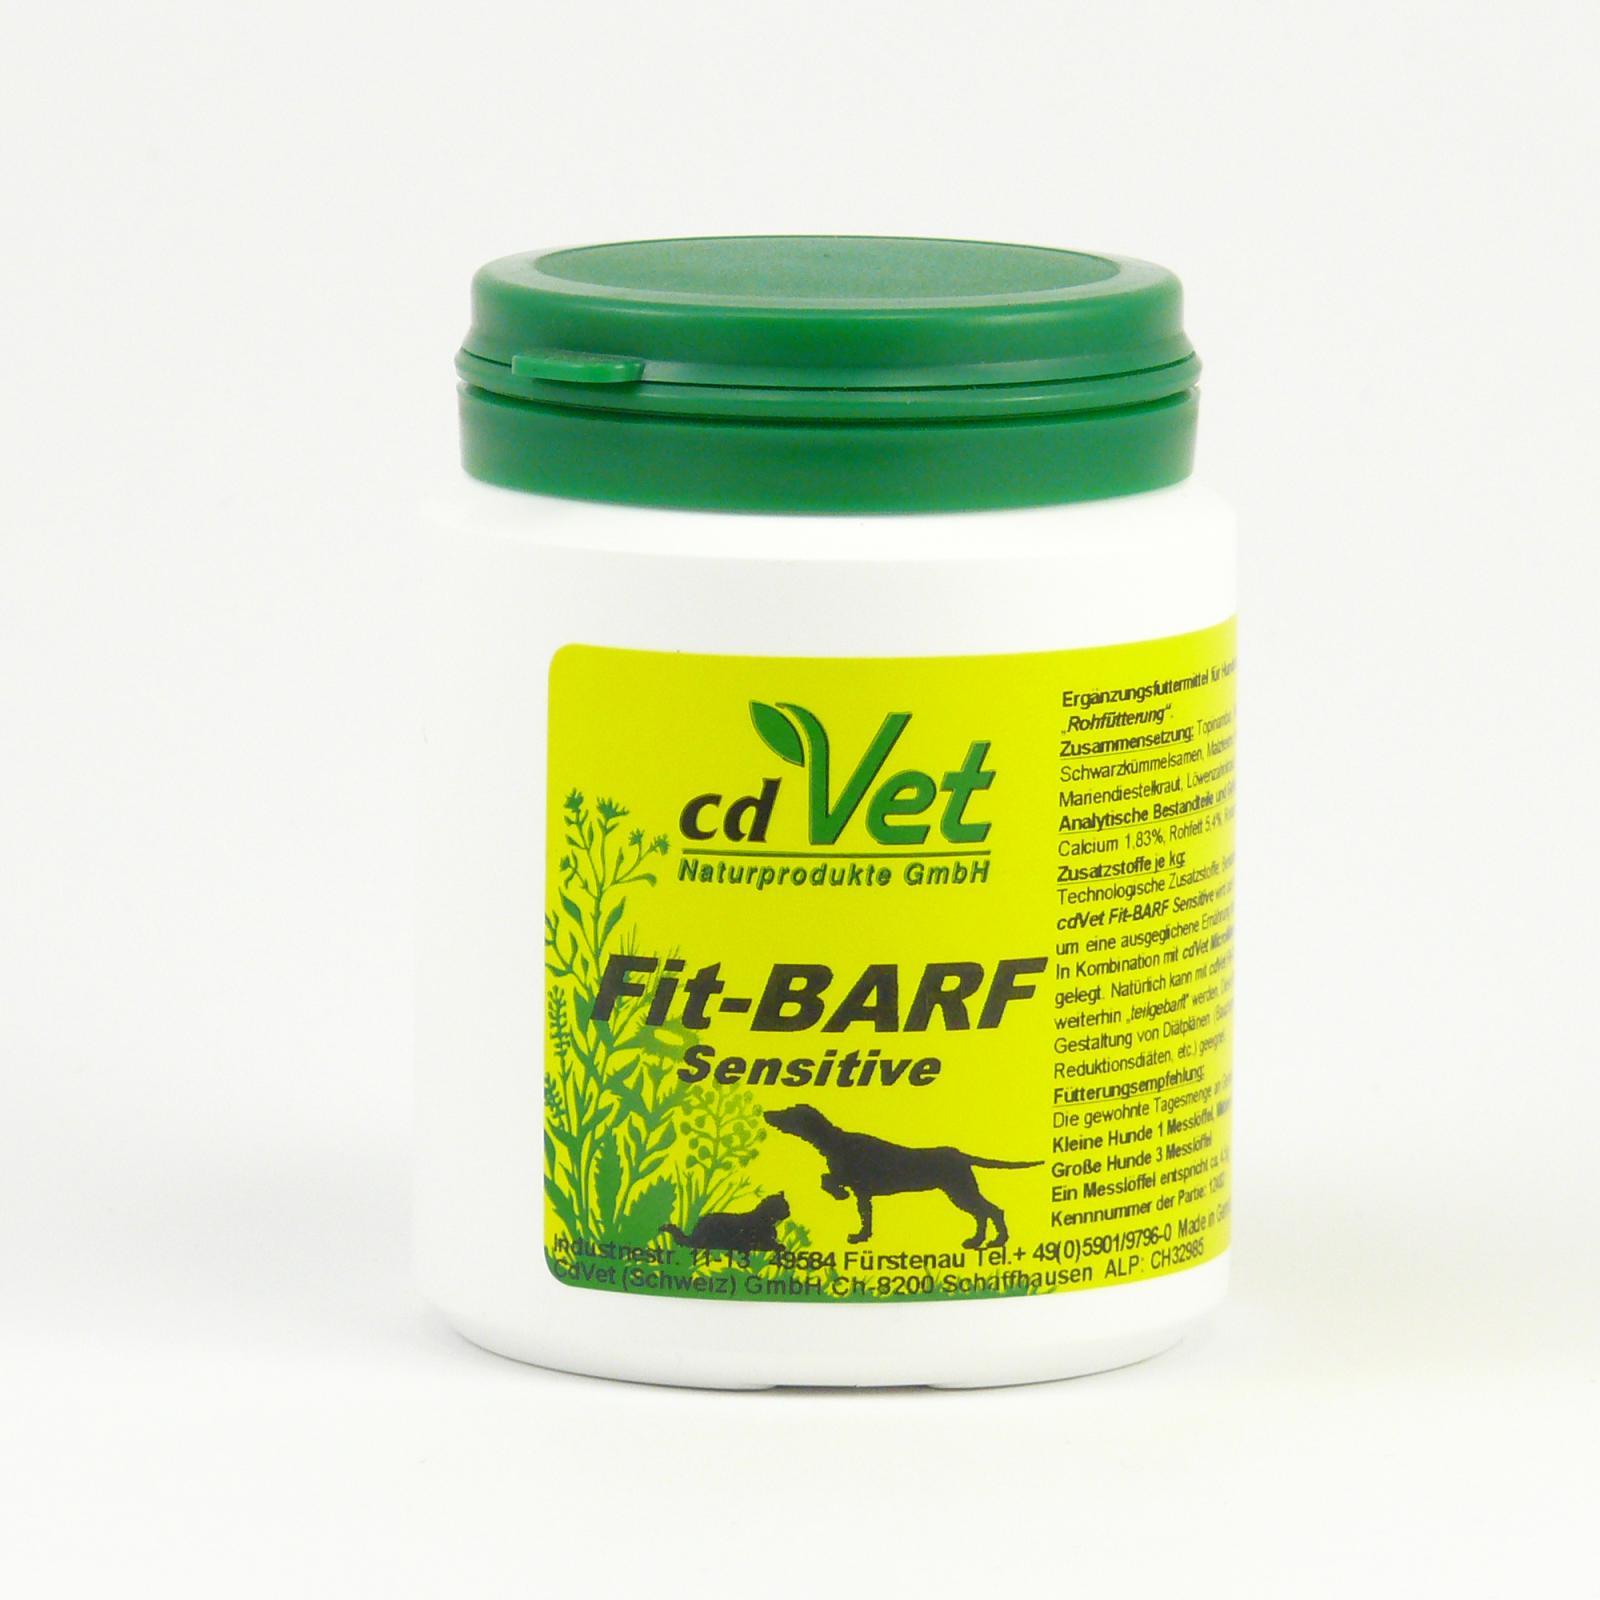 CdVet Doplněk výživy pro psy a kočky Fit Barf Sensitive 120 g